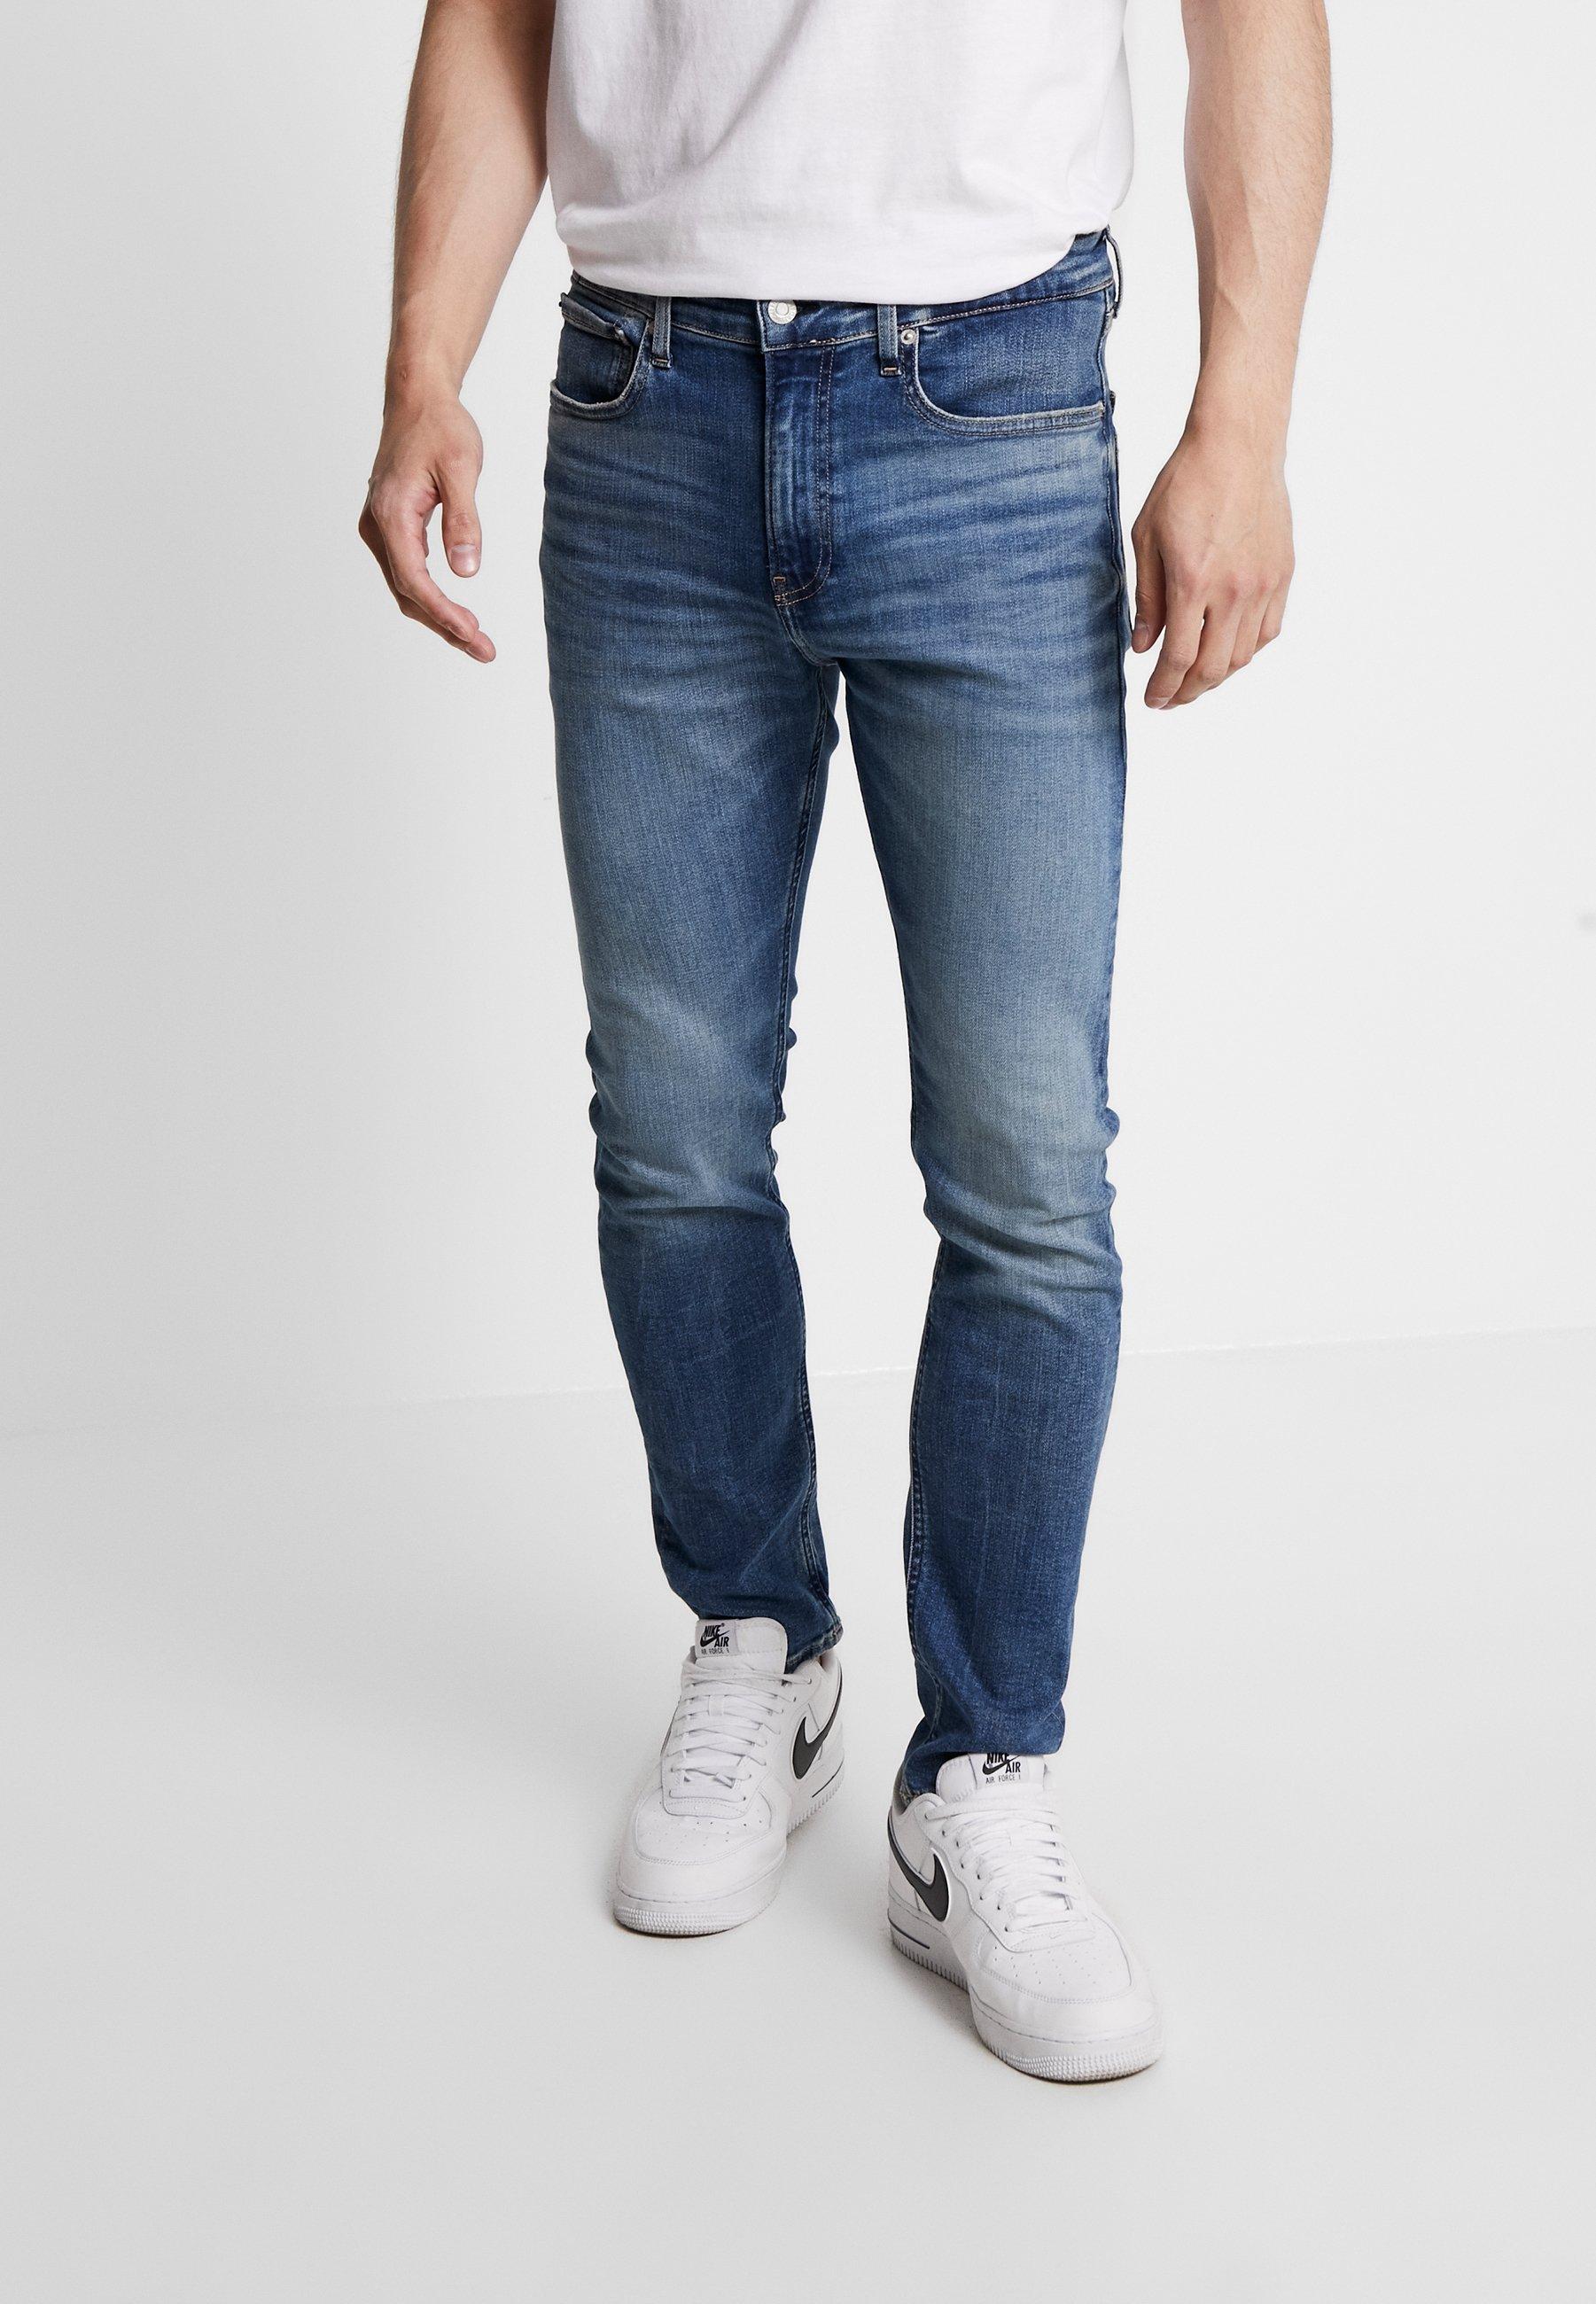 Calvin Klein Blue Blue SkinnyMid Calvin Calvin Jeans Klein SkinnyMid Klein Jeans 8P0wknO